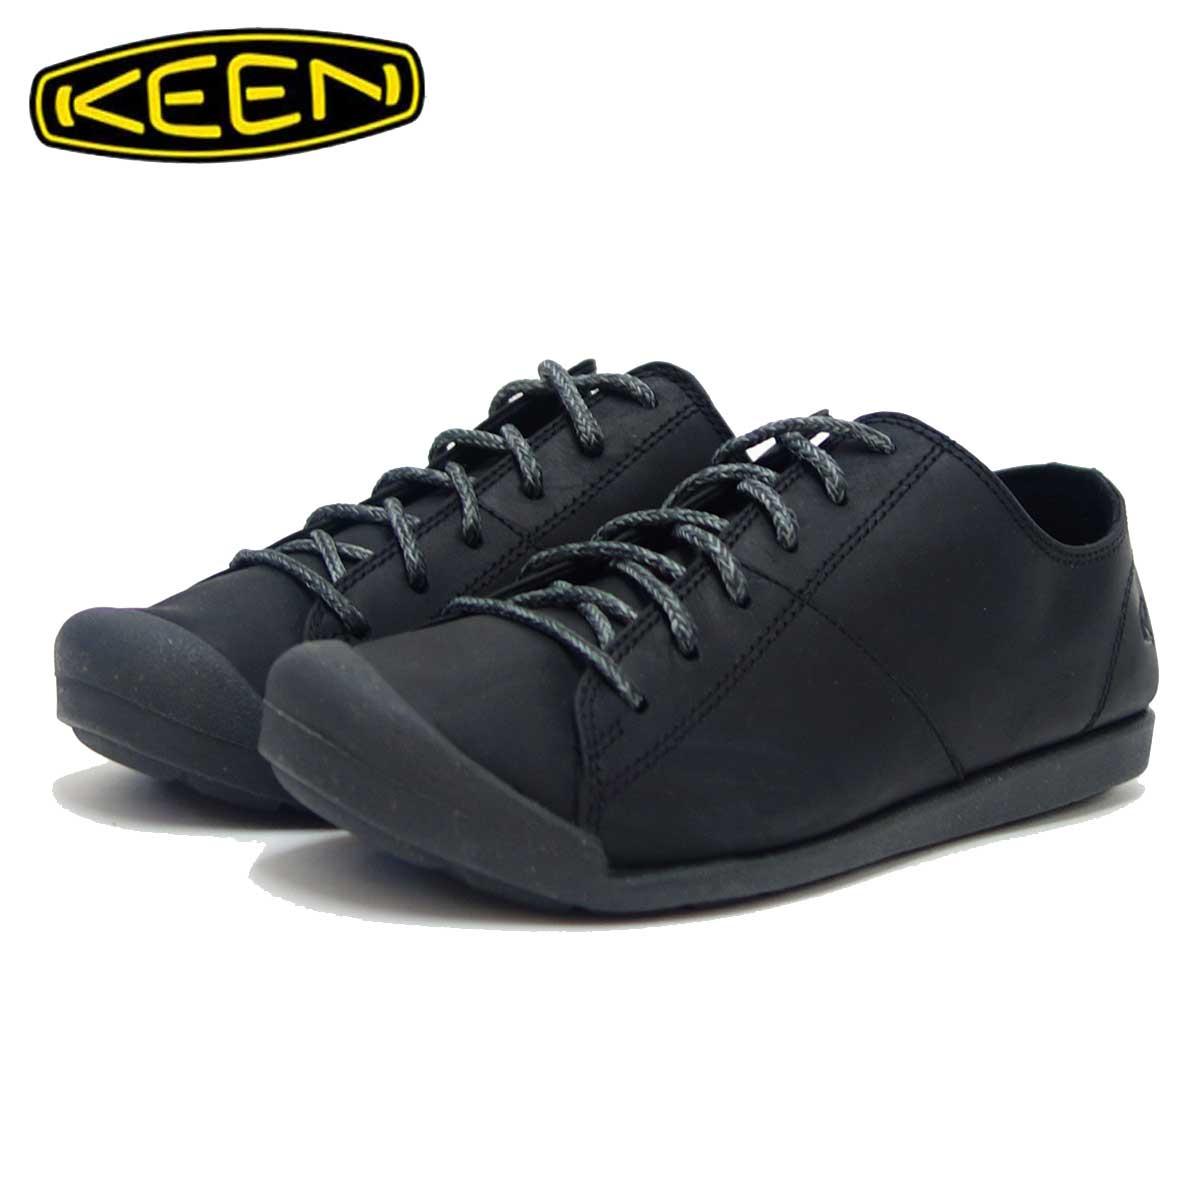 キーン KEEN SIENNA OXFORD 1019583 ブラック(レディース) シエナ オックスフォード「靴」